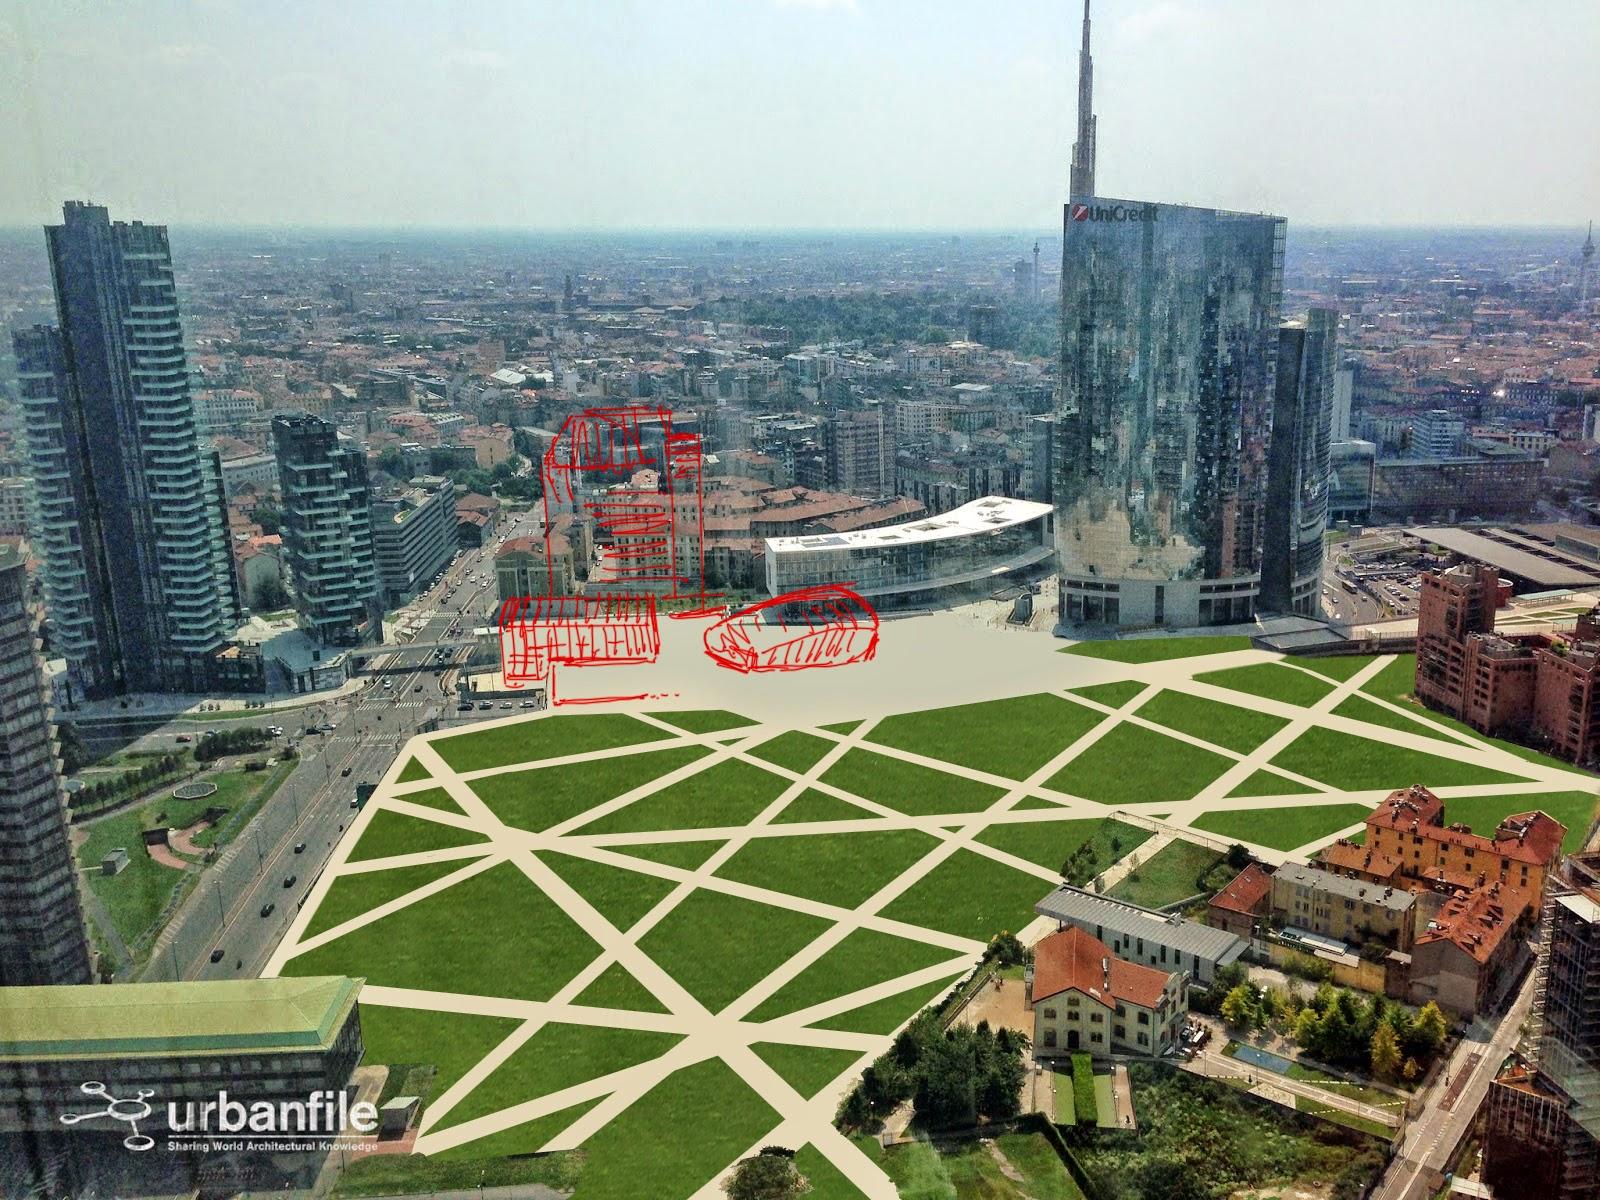 Milano porta nuova il parco di porta nuova urbanfile - Residenze di porta nuova ...